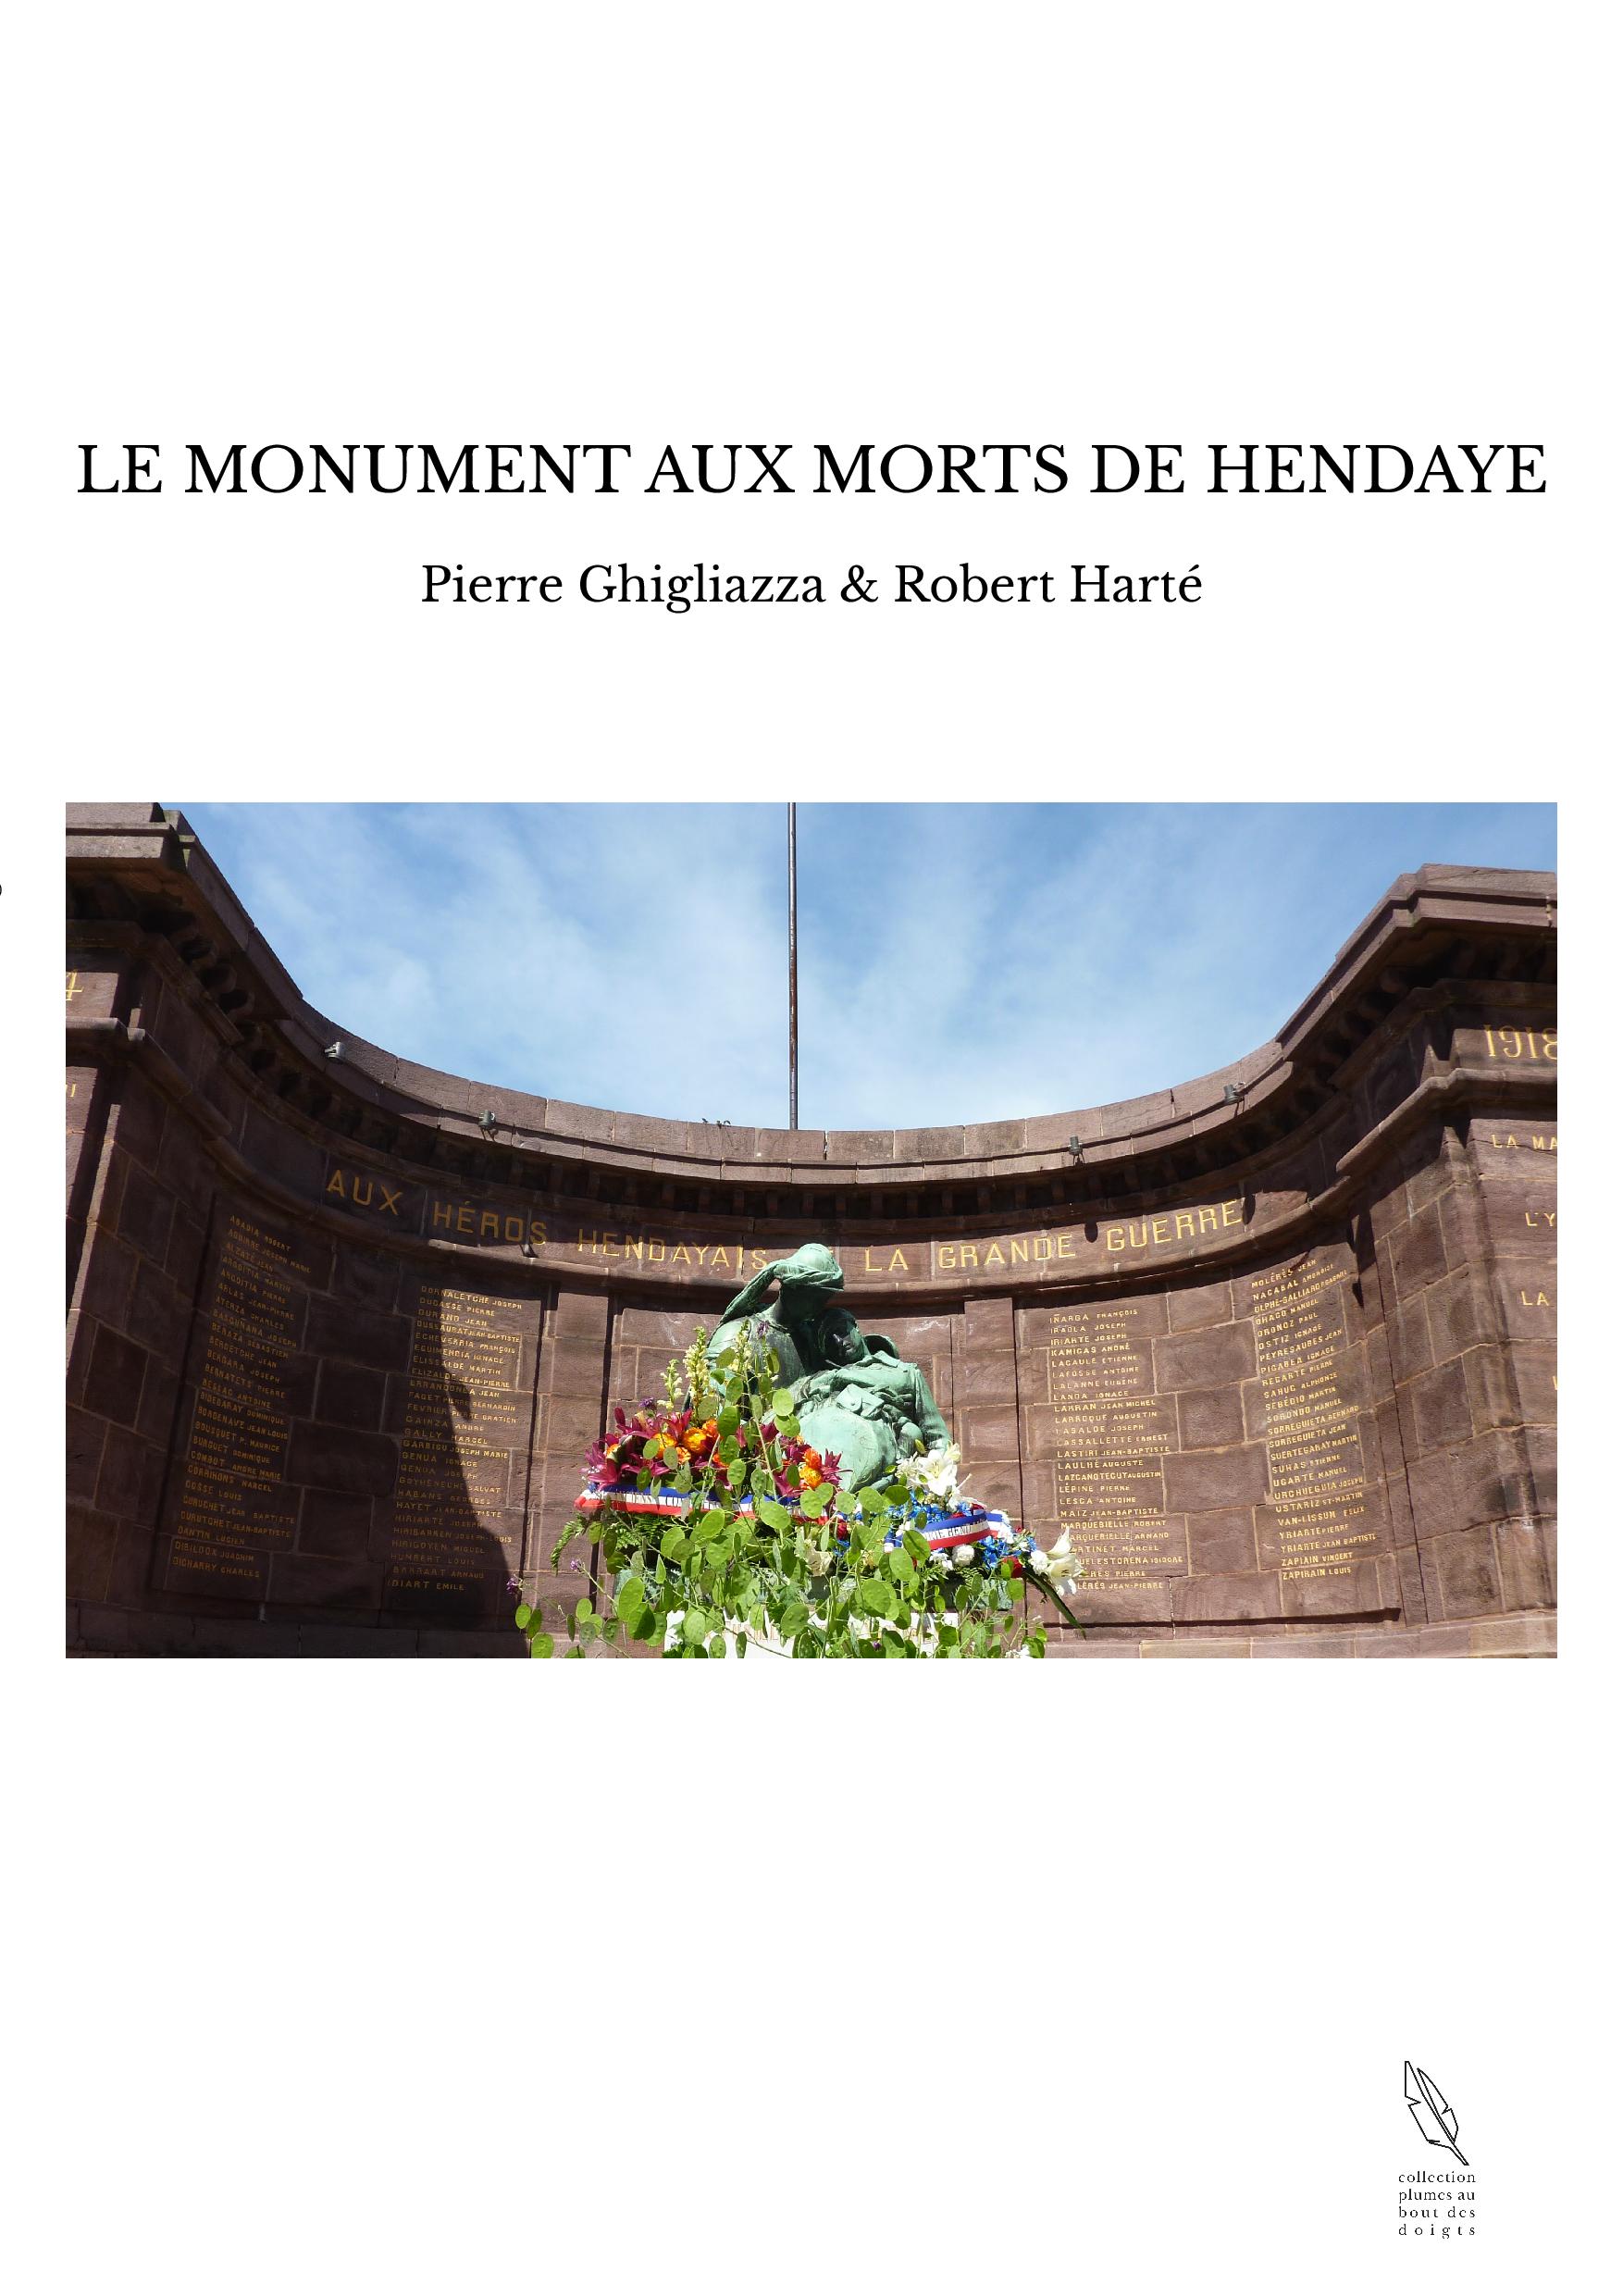 LE MONUMENT AUX MORTS DE HENDAYE